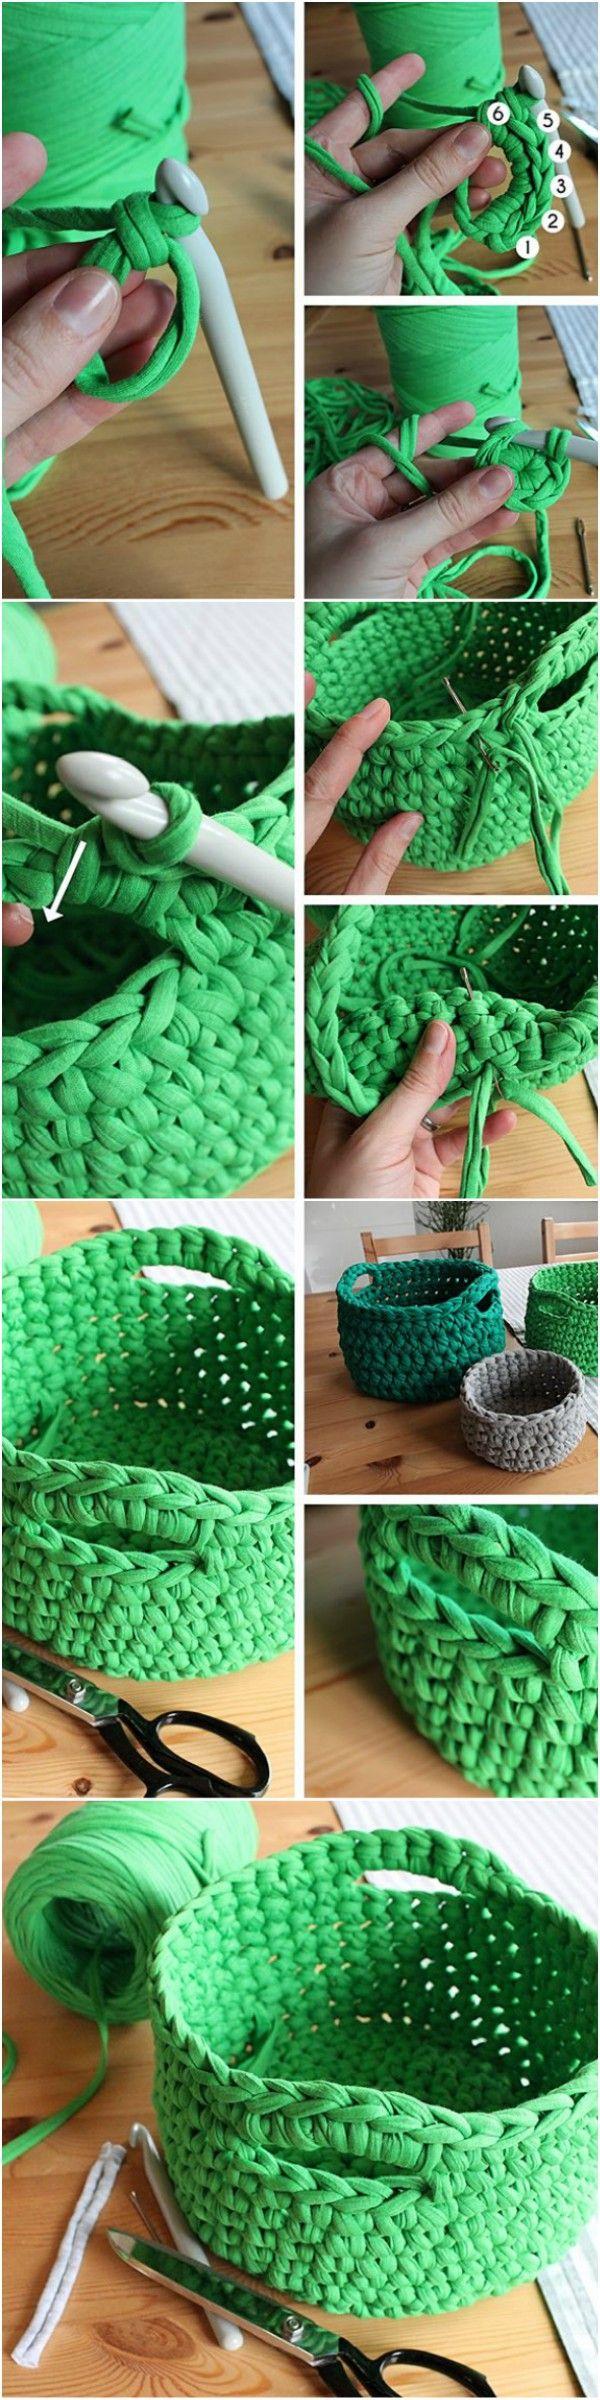 Crochet Kits How To Etsy Ganchillo Trapillo Cestas De Ganchillo Trapillo Crochet